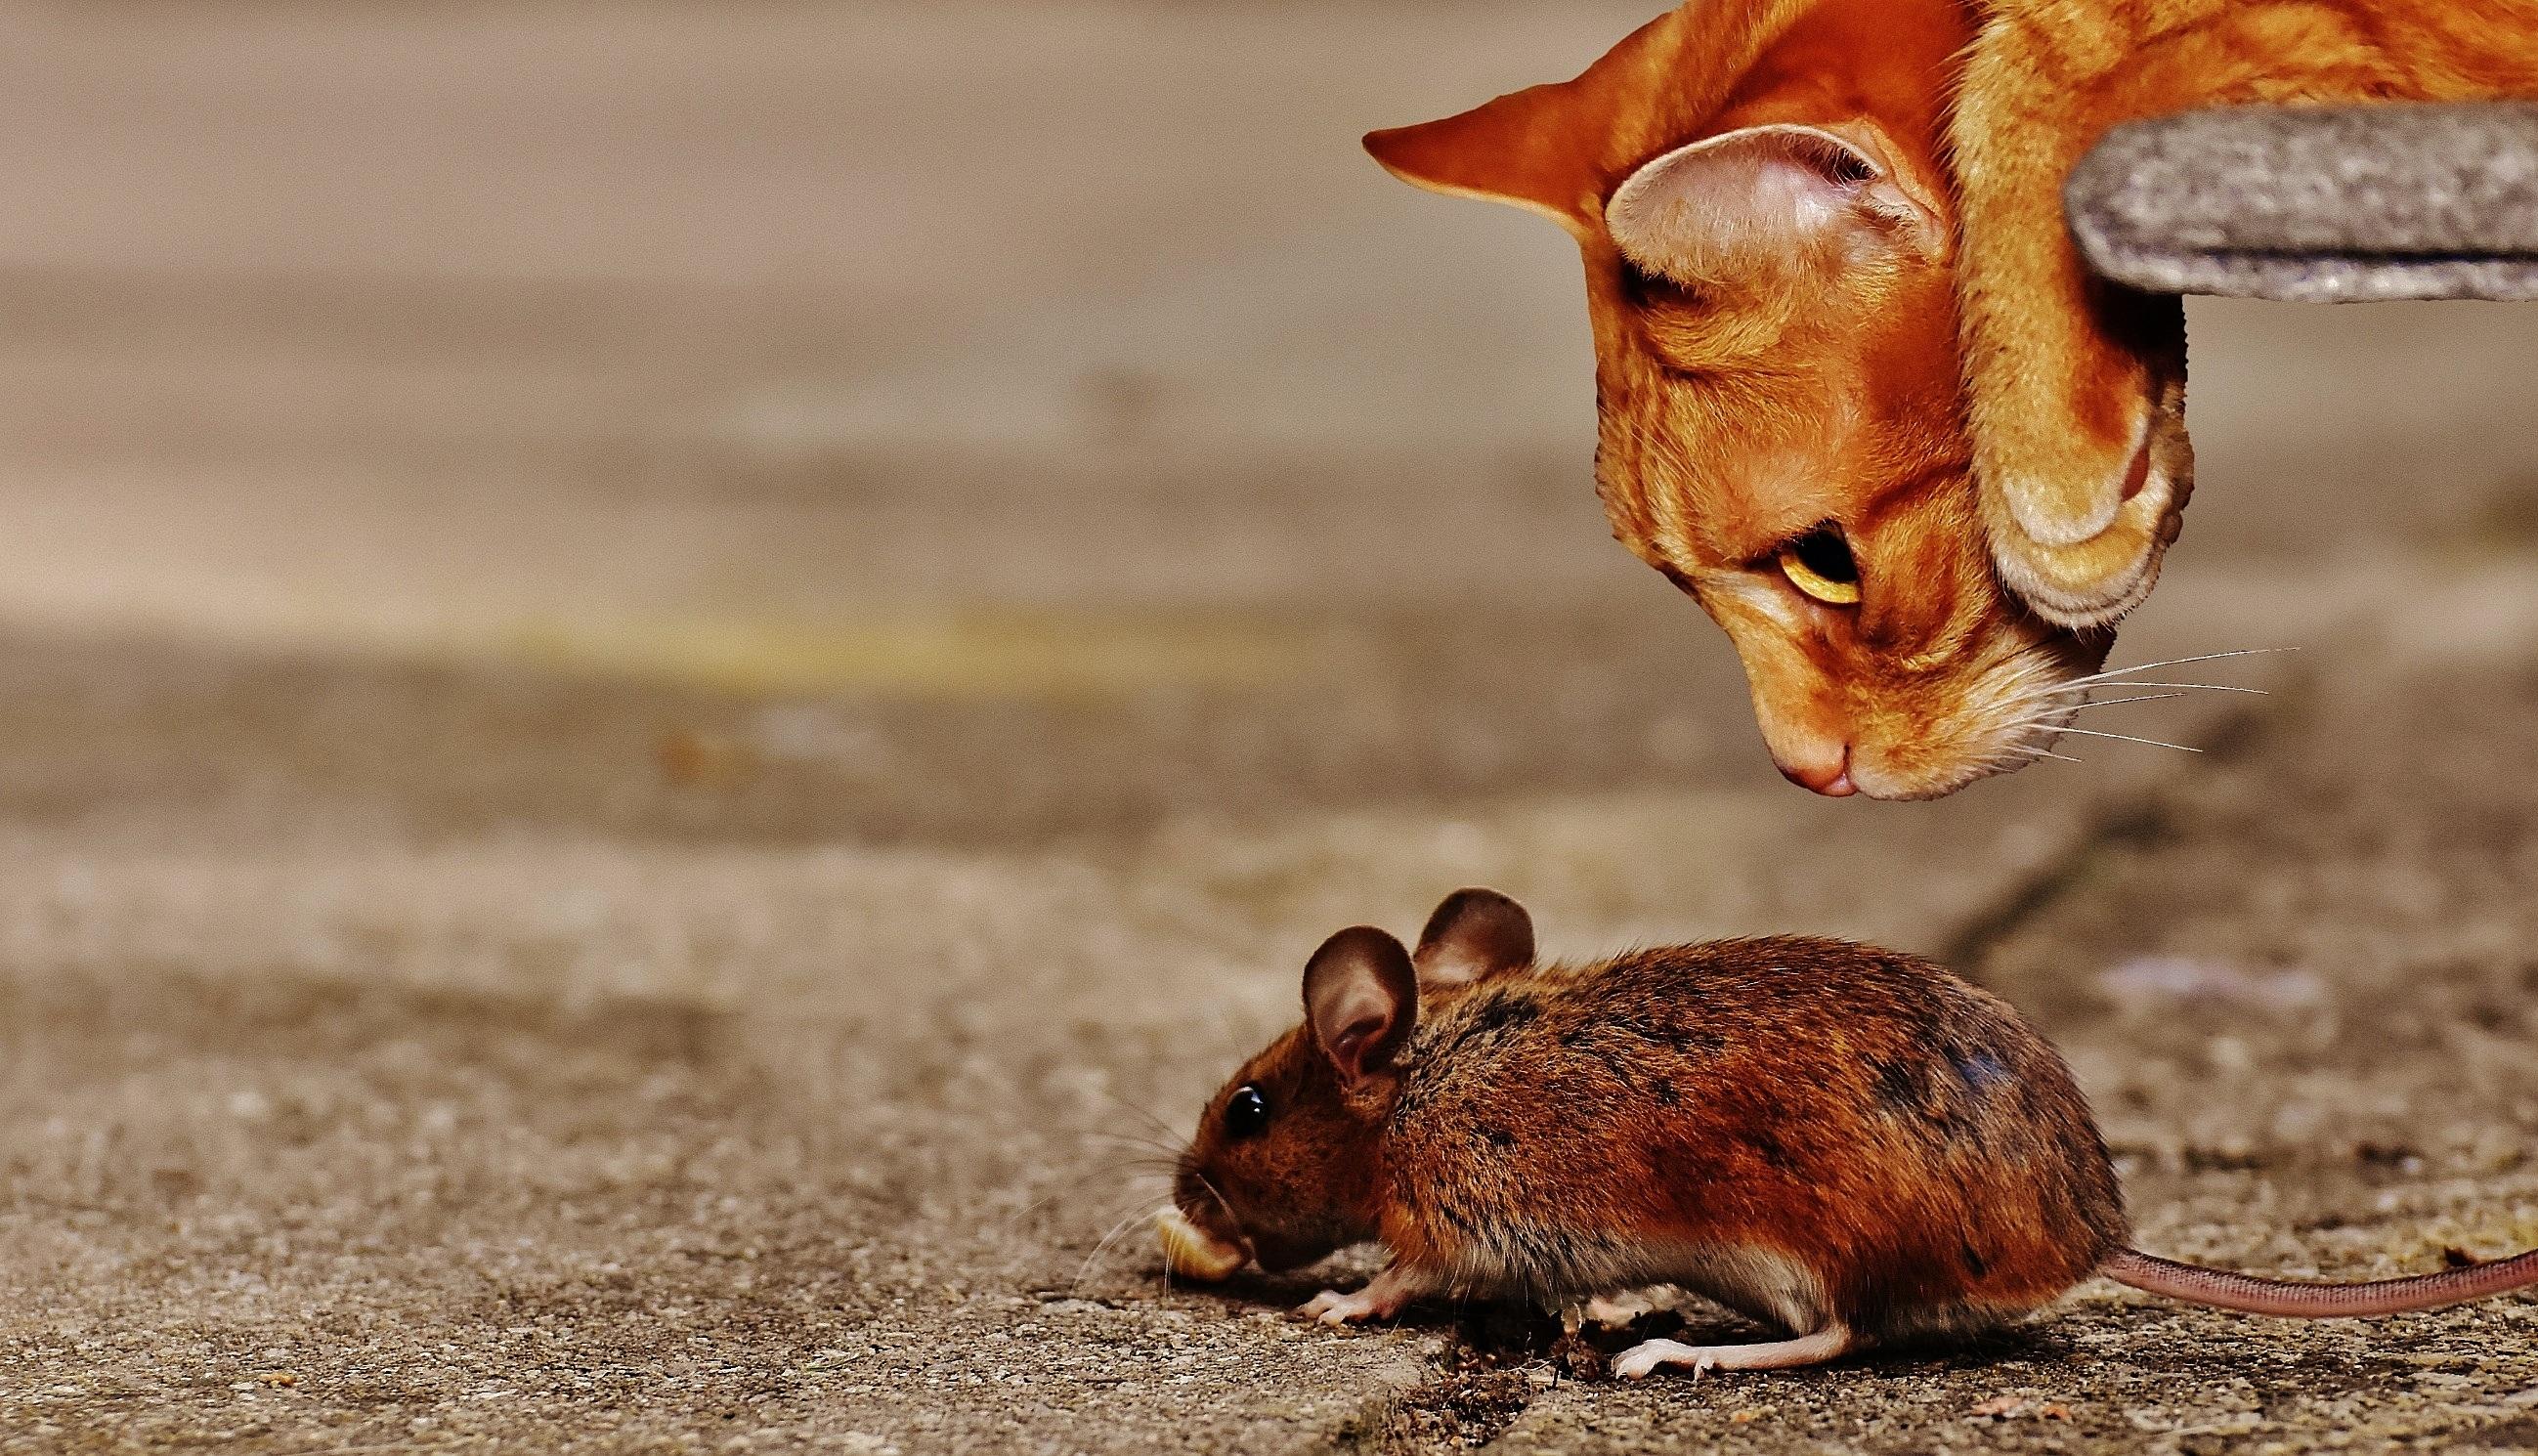 Eine Maus kann schnell zu einem großen Problem werden. - Leeser & Will Schädlingsbekämpfung München betreut durch ready4marketing.de